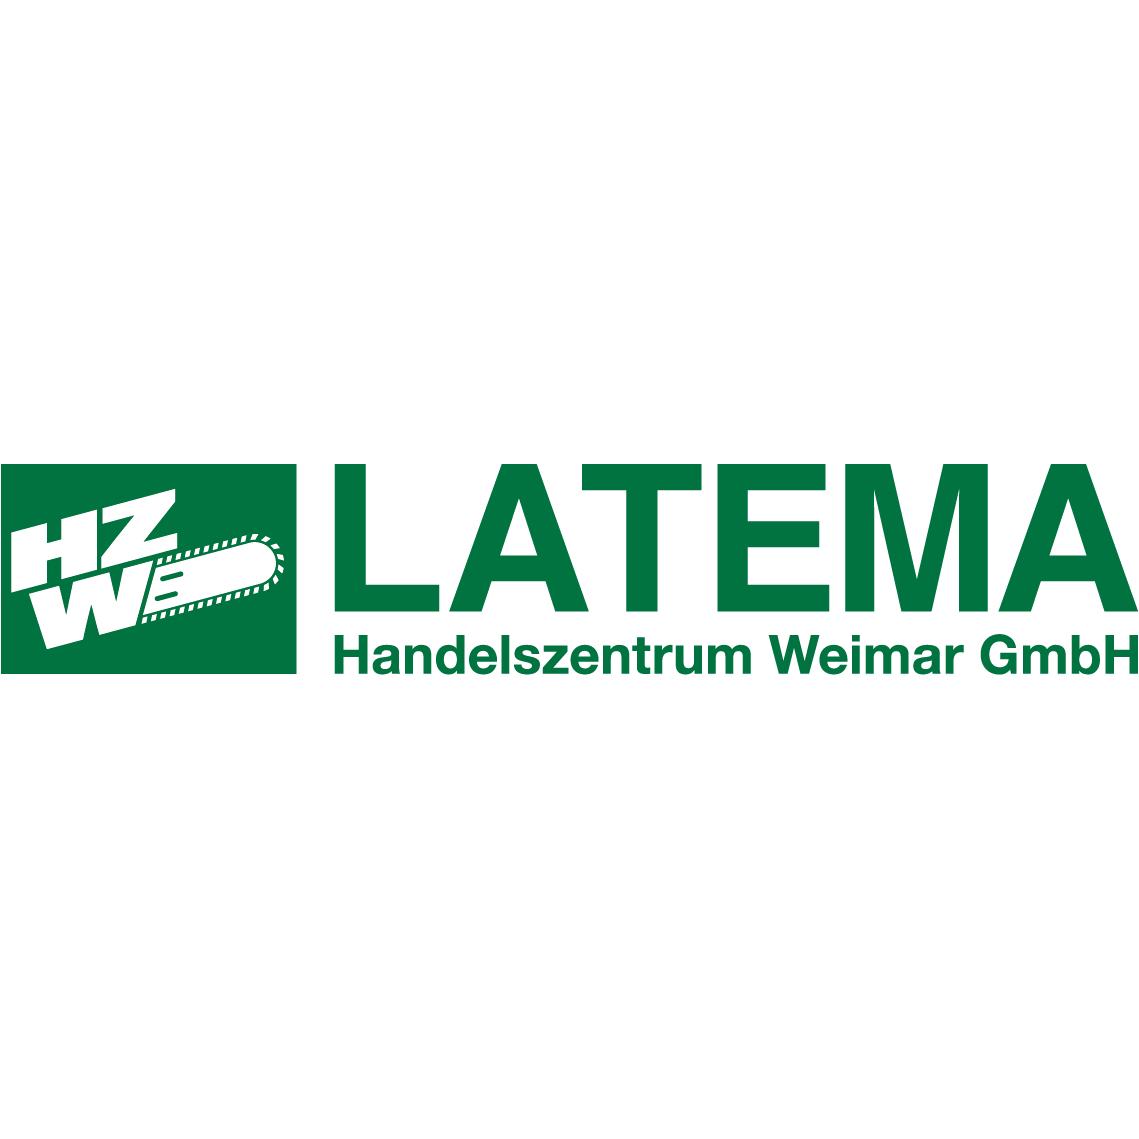 Bild zu Latema Handelszentrum Weimar GmbH in Weimar in Thüringen